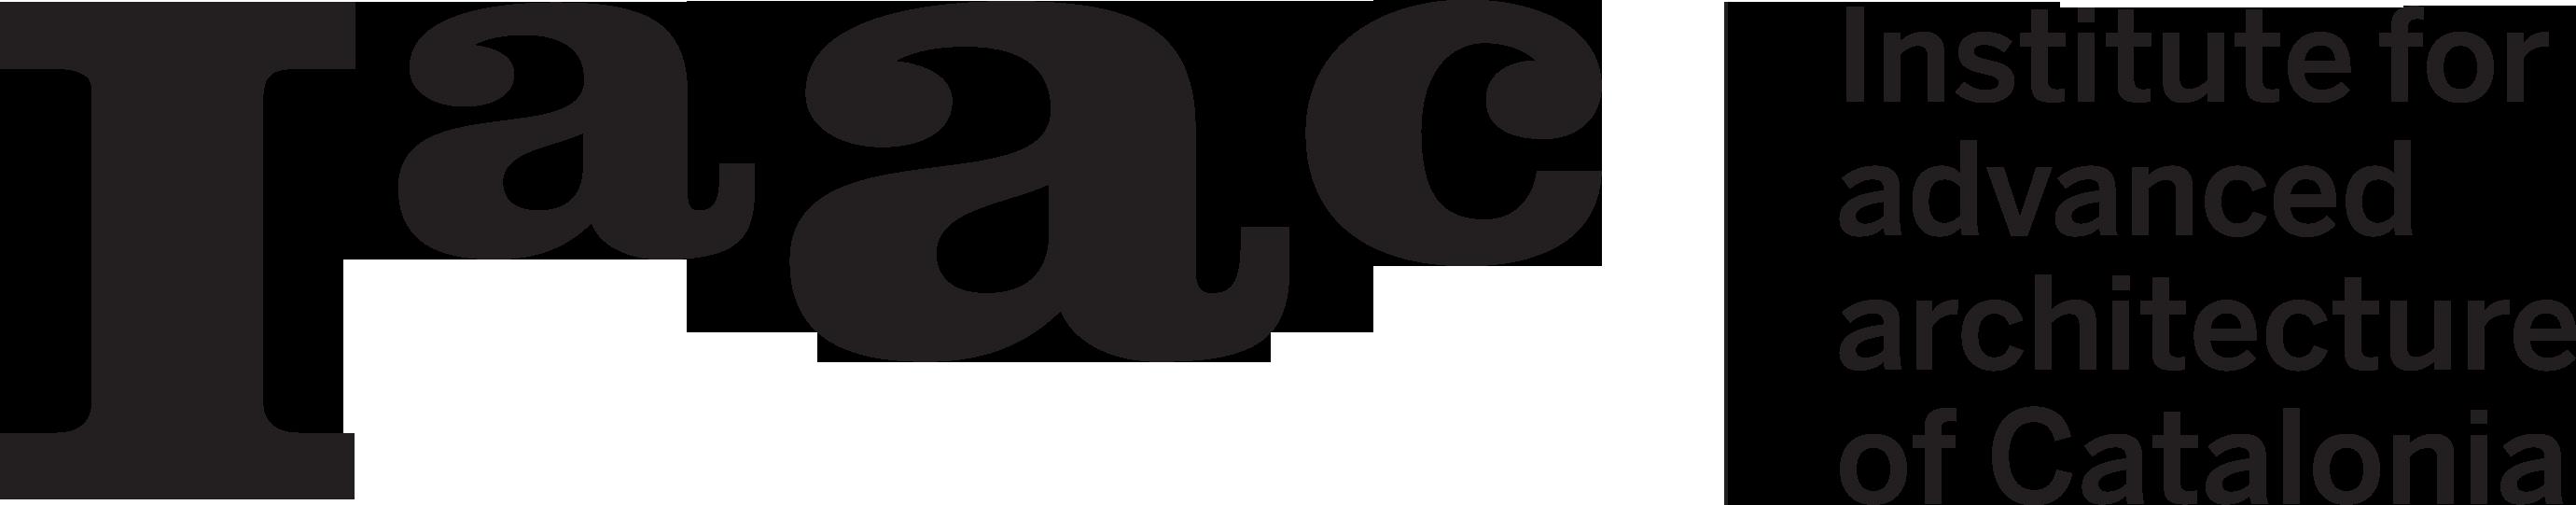 Iaac_logo_1